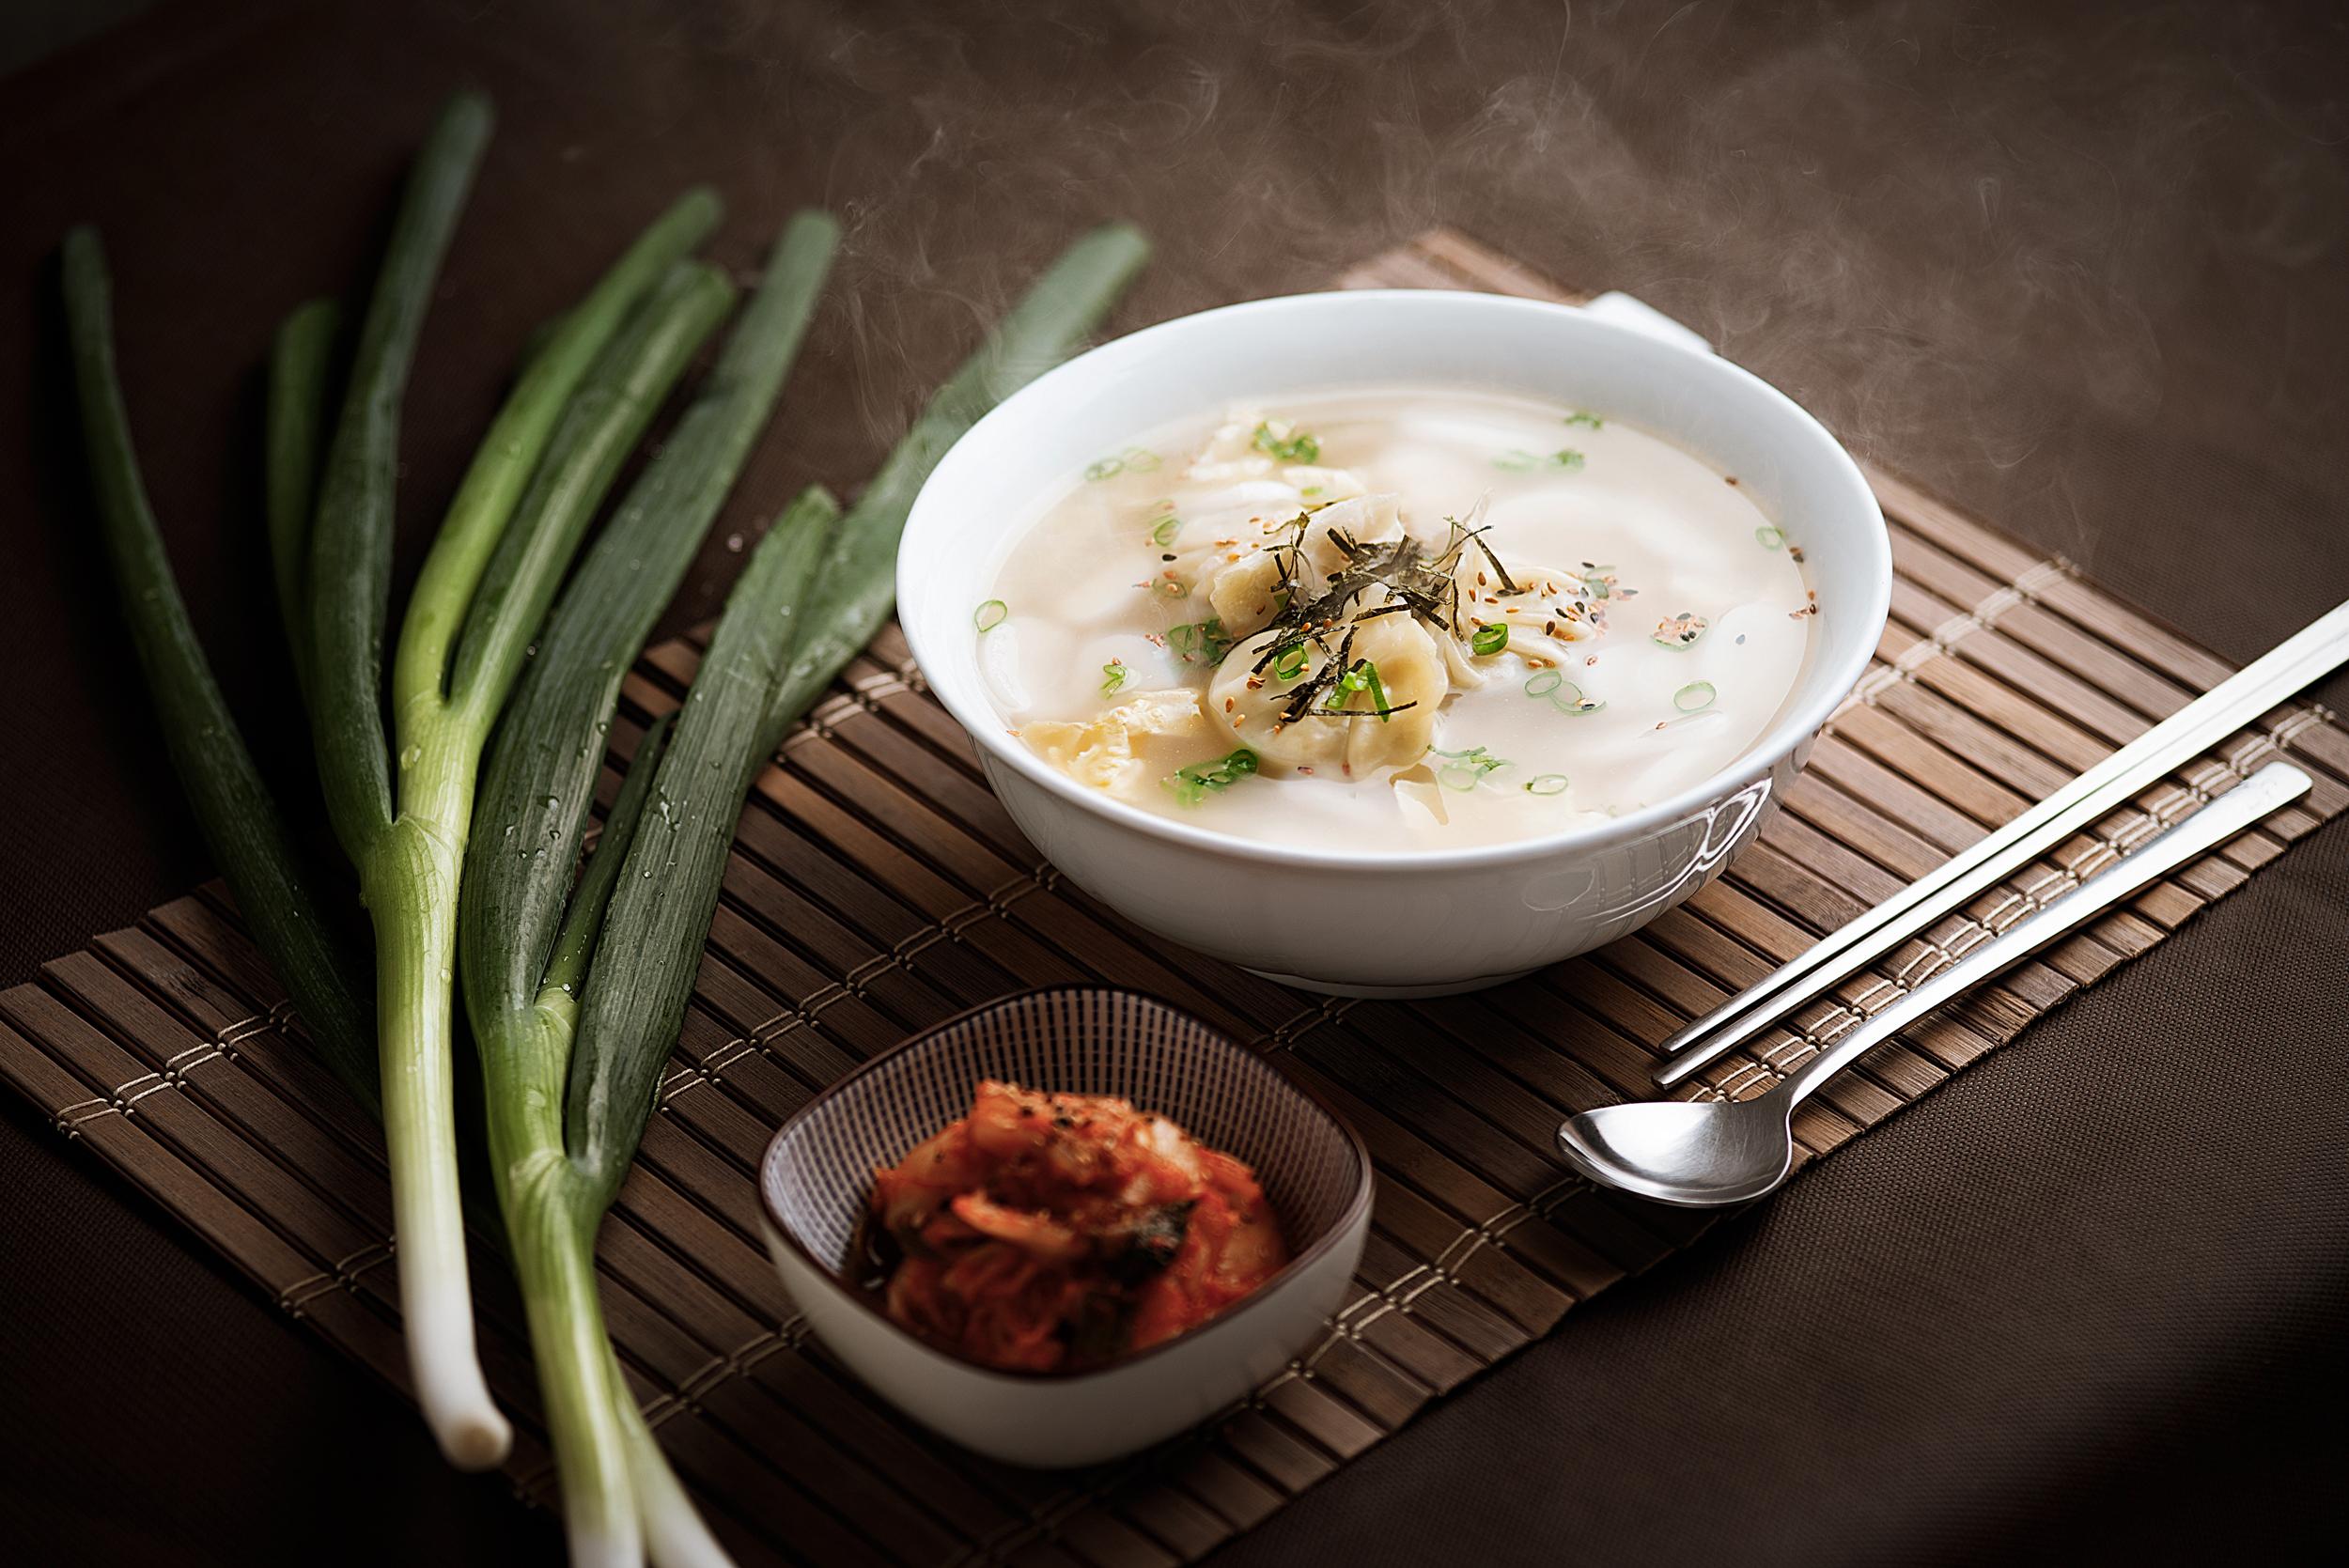 Tokmanduguk - Sopa de Mandu con pasta de arroz.Una sopa tradicional coreana de Mandu (empanadillas coreanas de carne de cerdo con verduras) con pasta de arroz en láminas, cebolleta, huevo escalfado y topping de algas secas. Una sopa generosa, consistente, muy suave y con un profundo sabor.9.50€